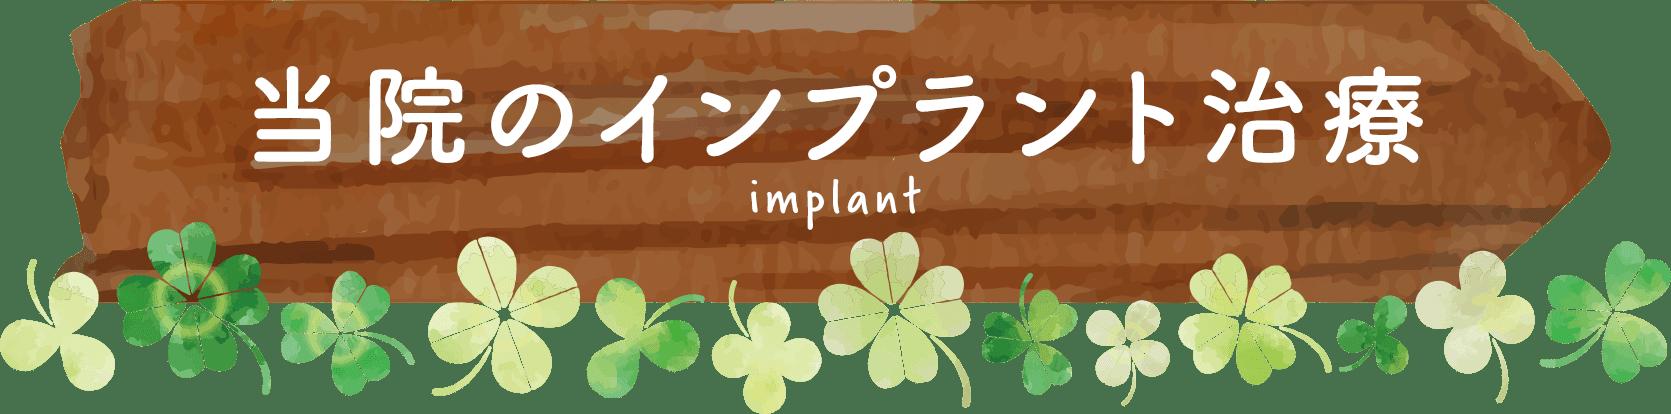 当院のインプラント治療について